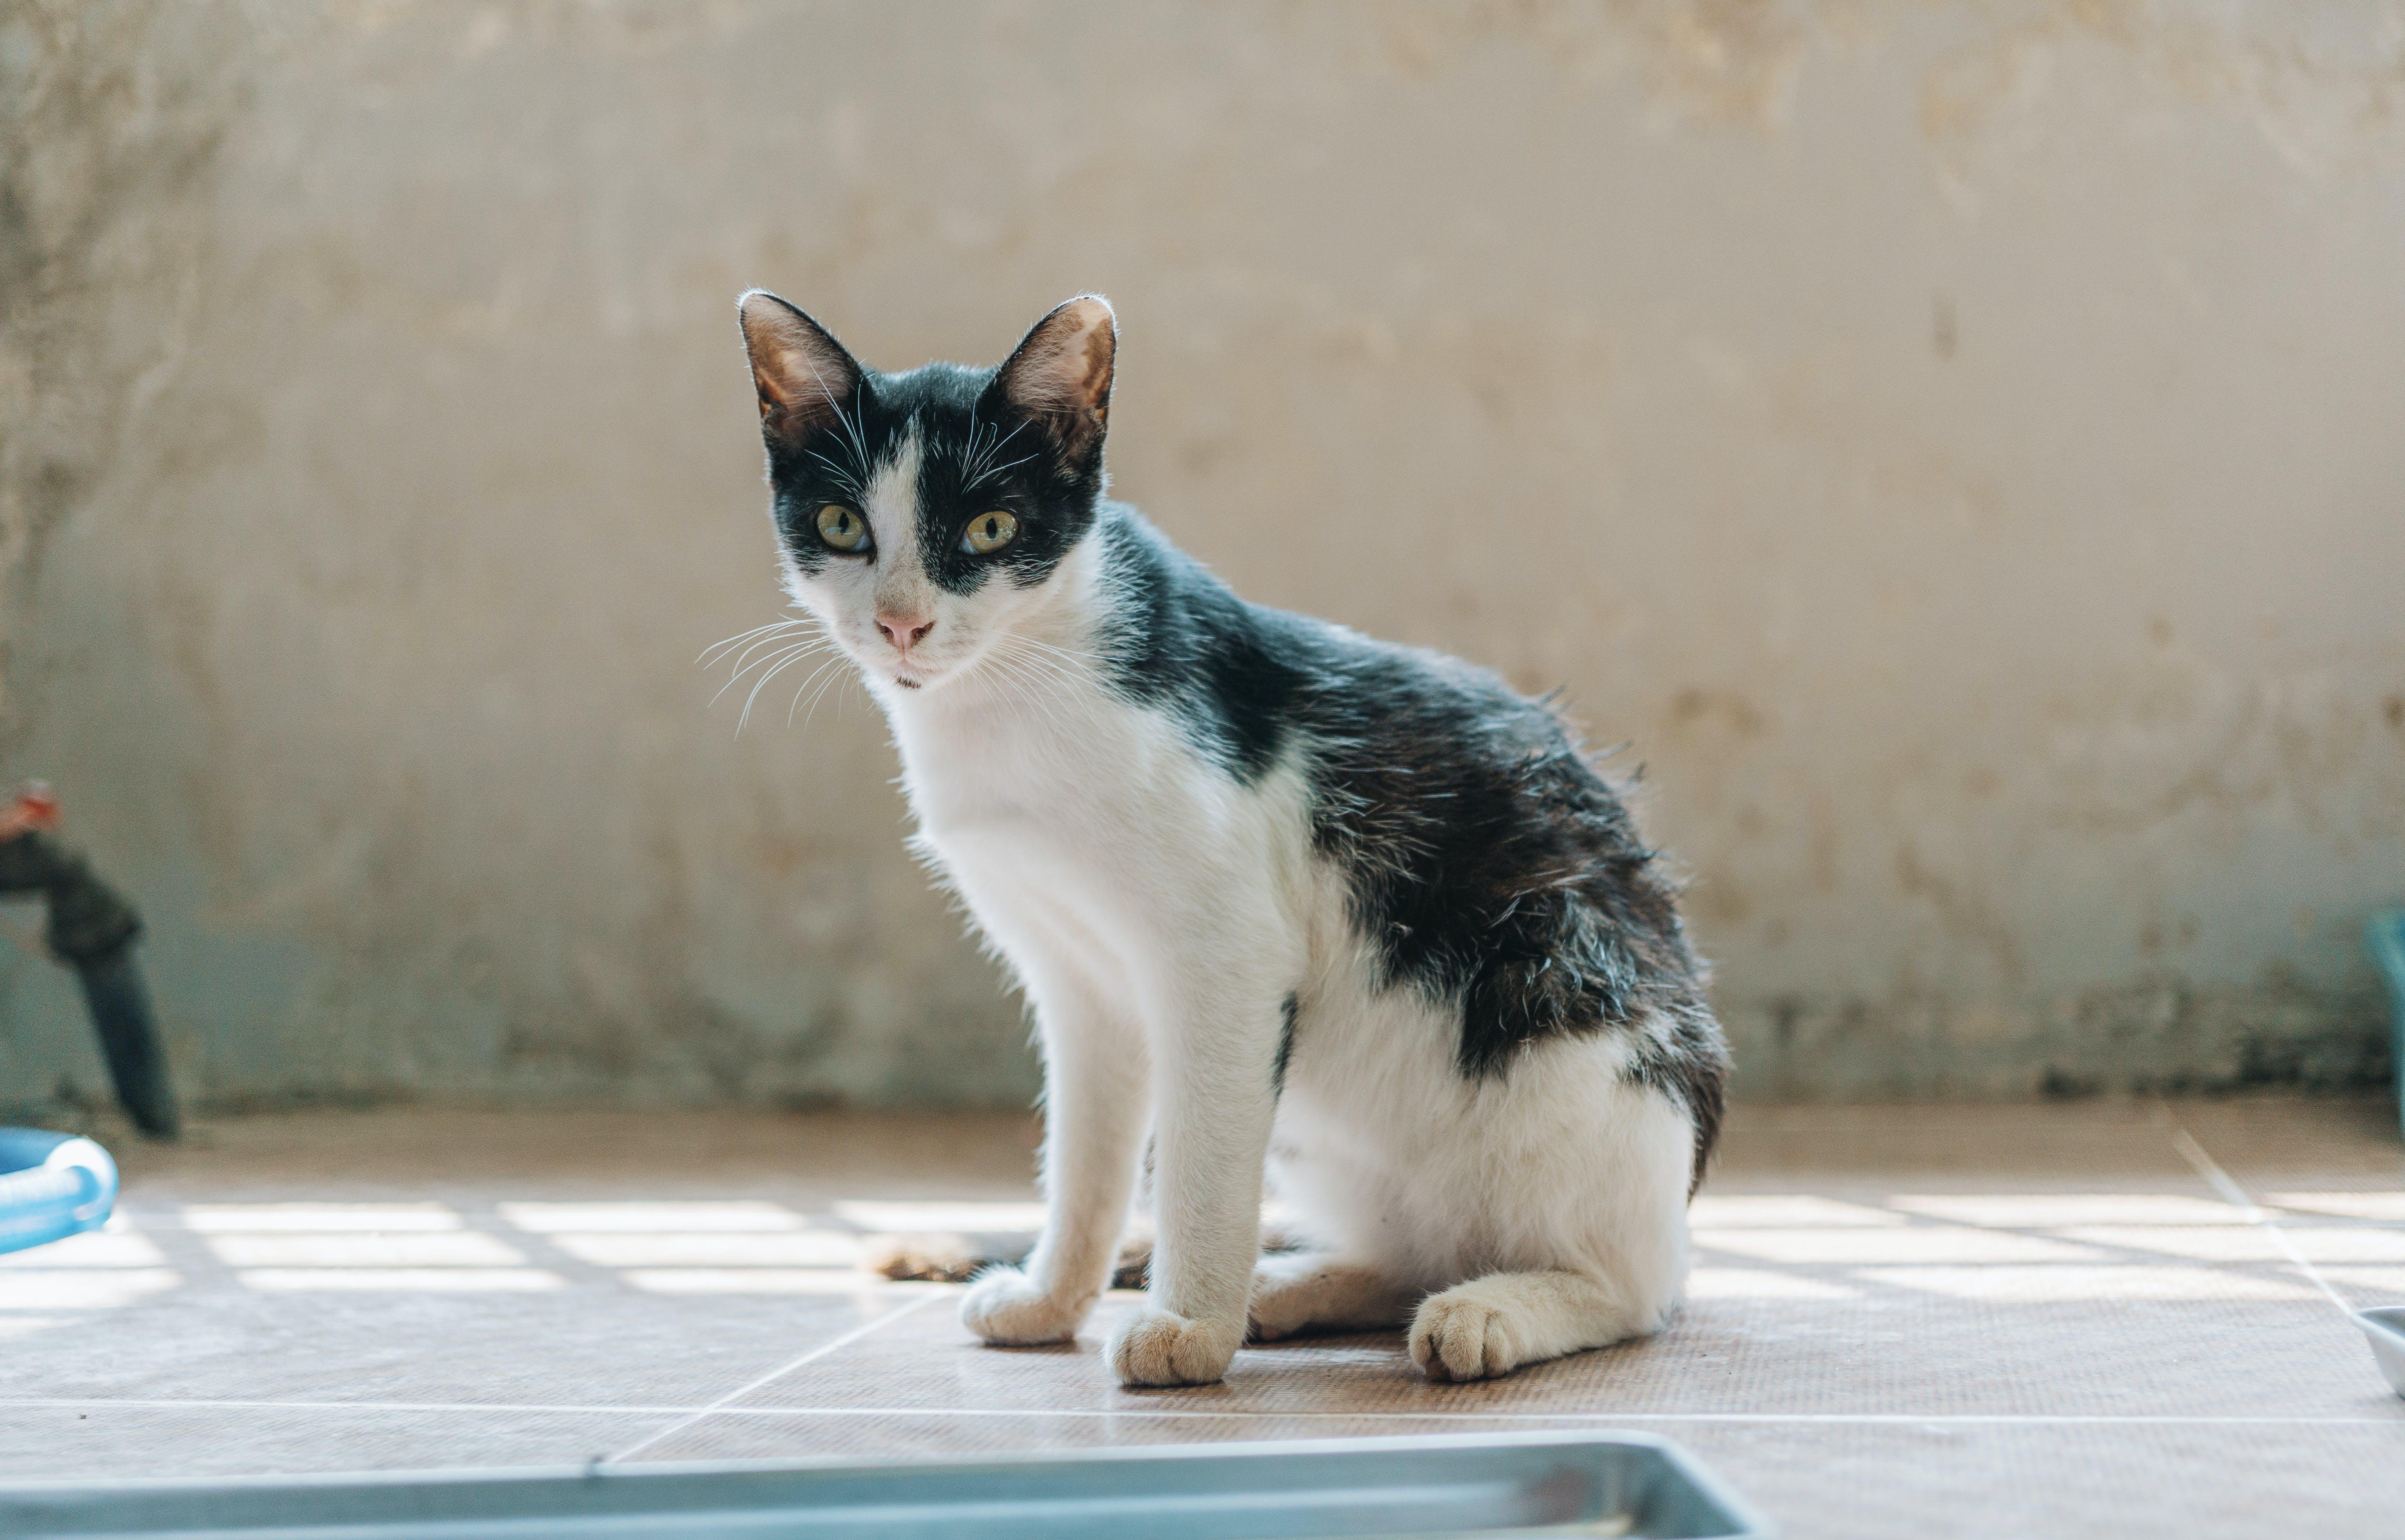 가정의, 고양이, 고양이 눈, 고양이 얼굴의 무료 스톡 사진